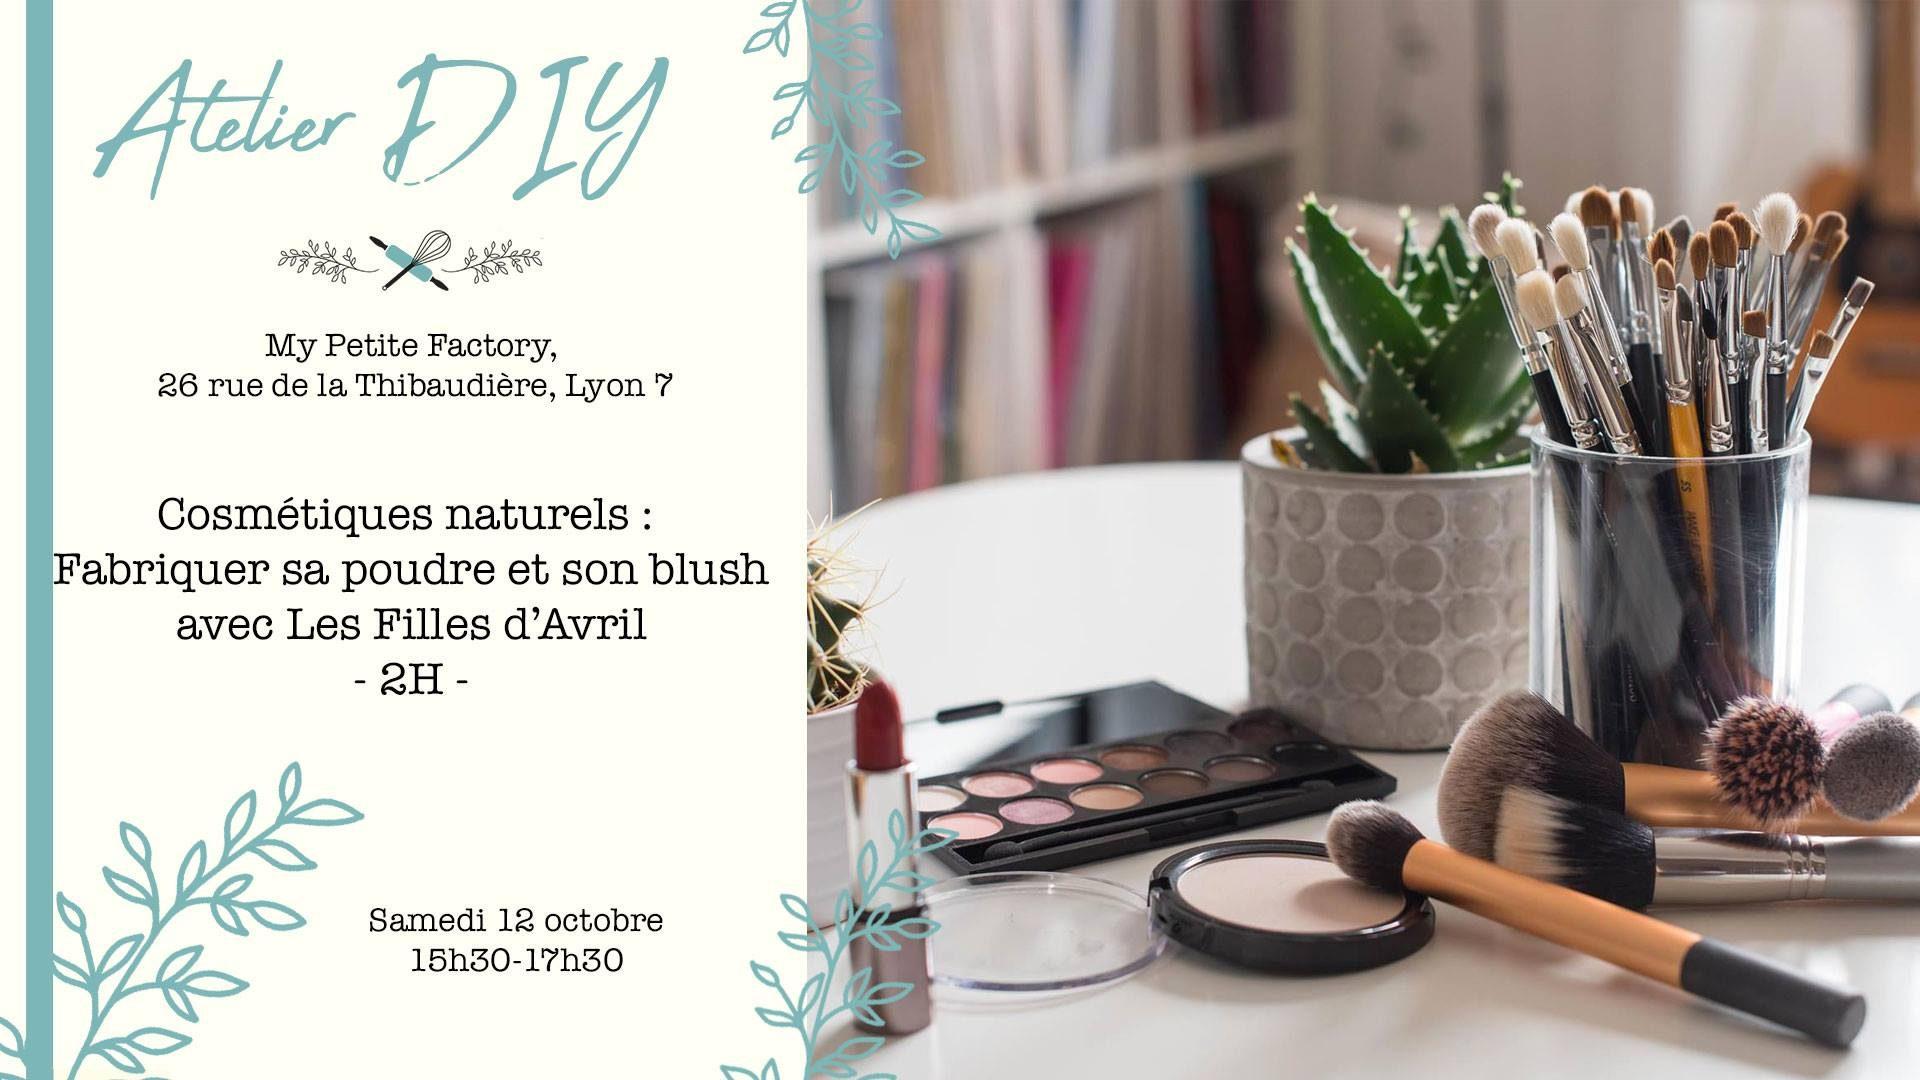 Atelier-cosmetiques-naturels-poudre-blush